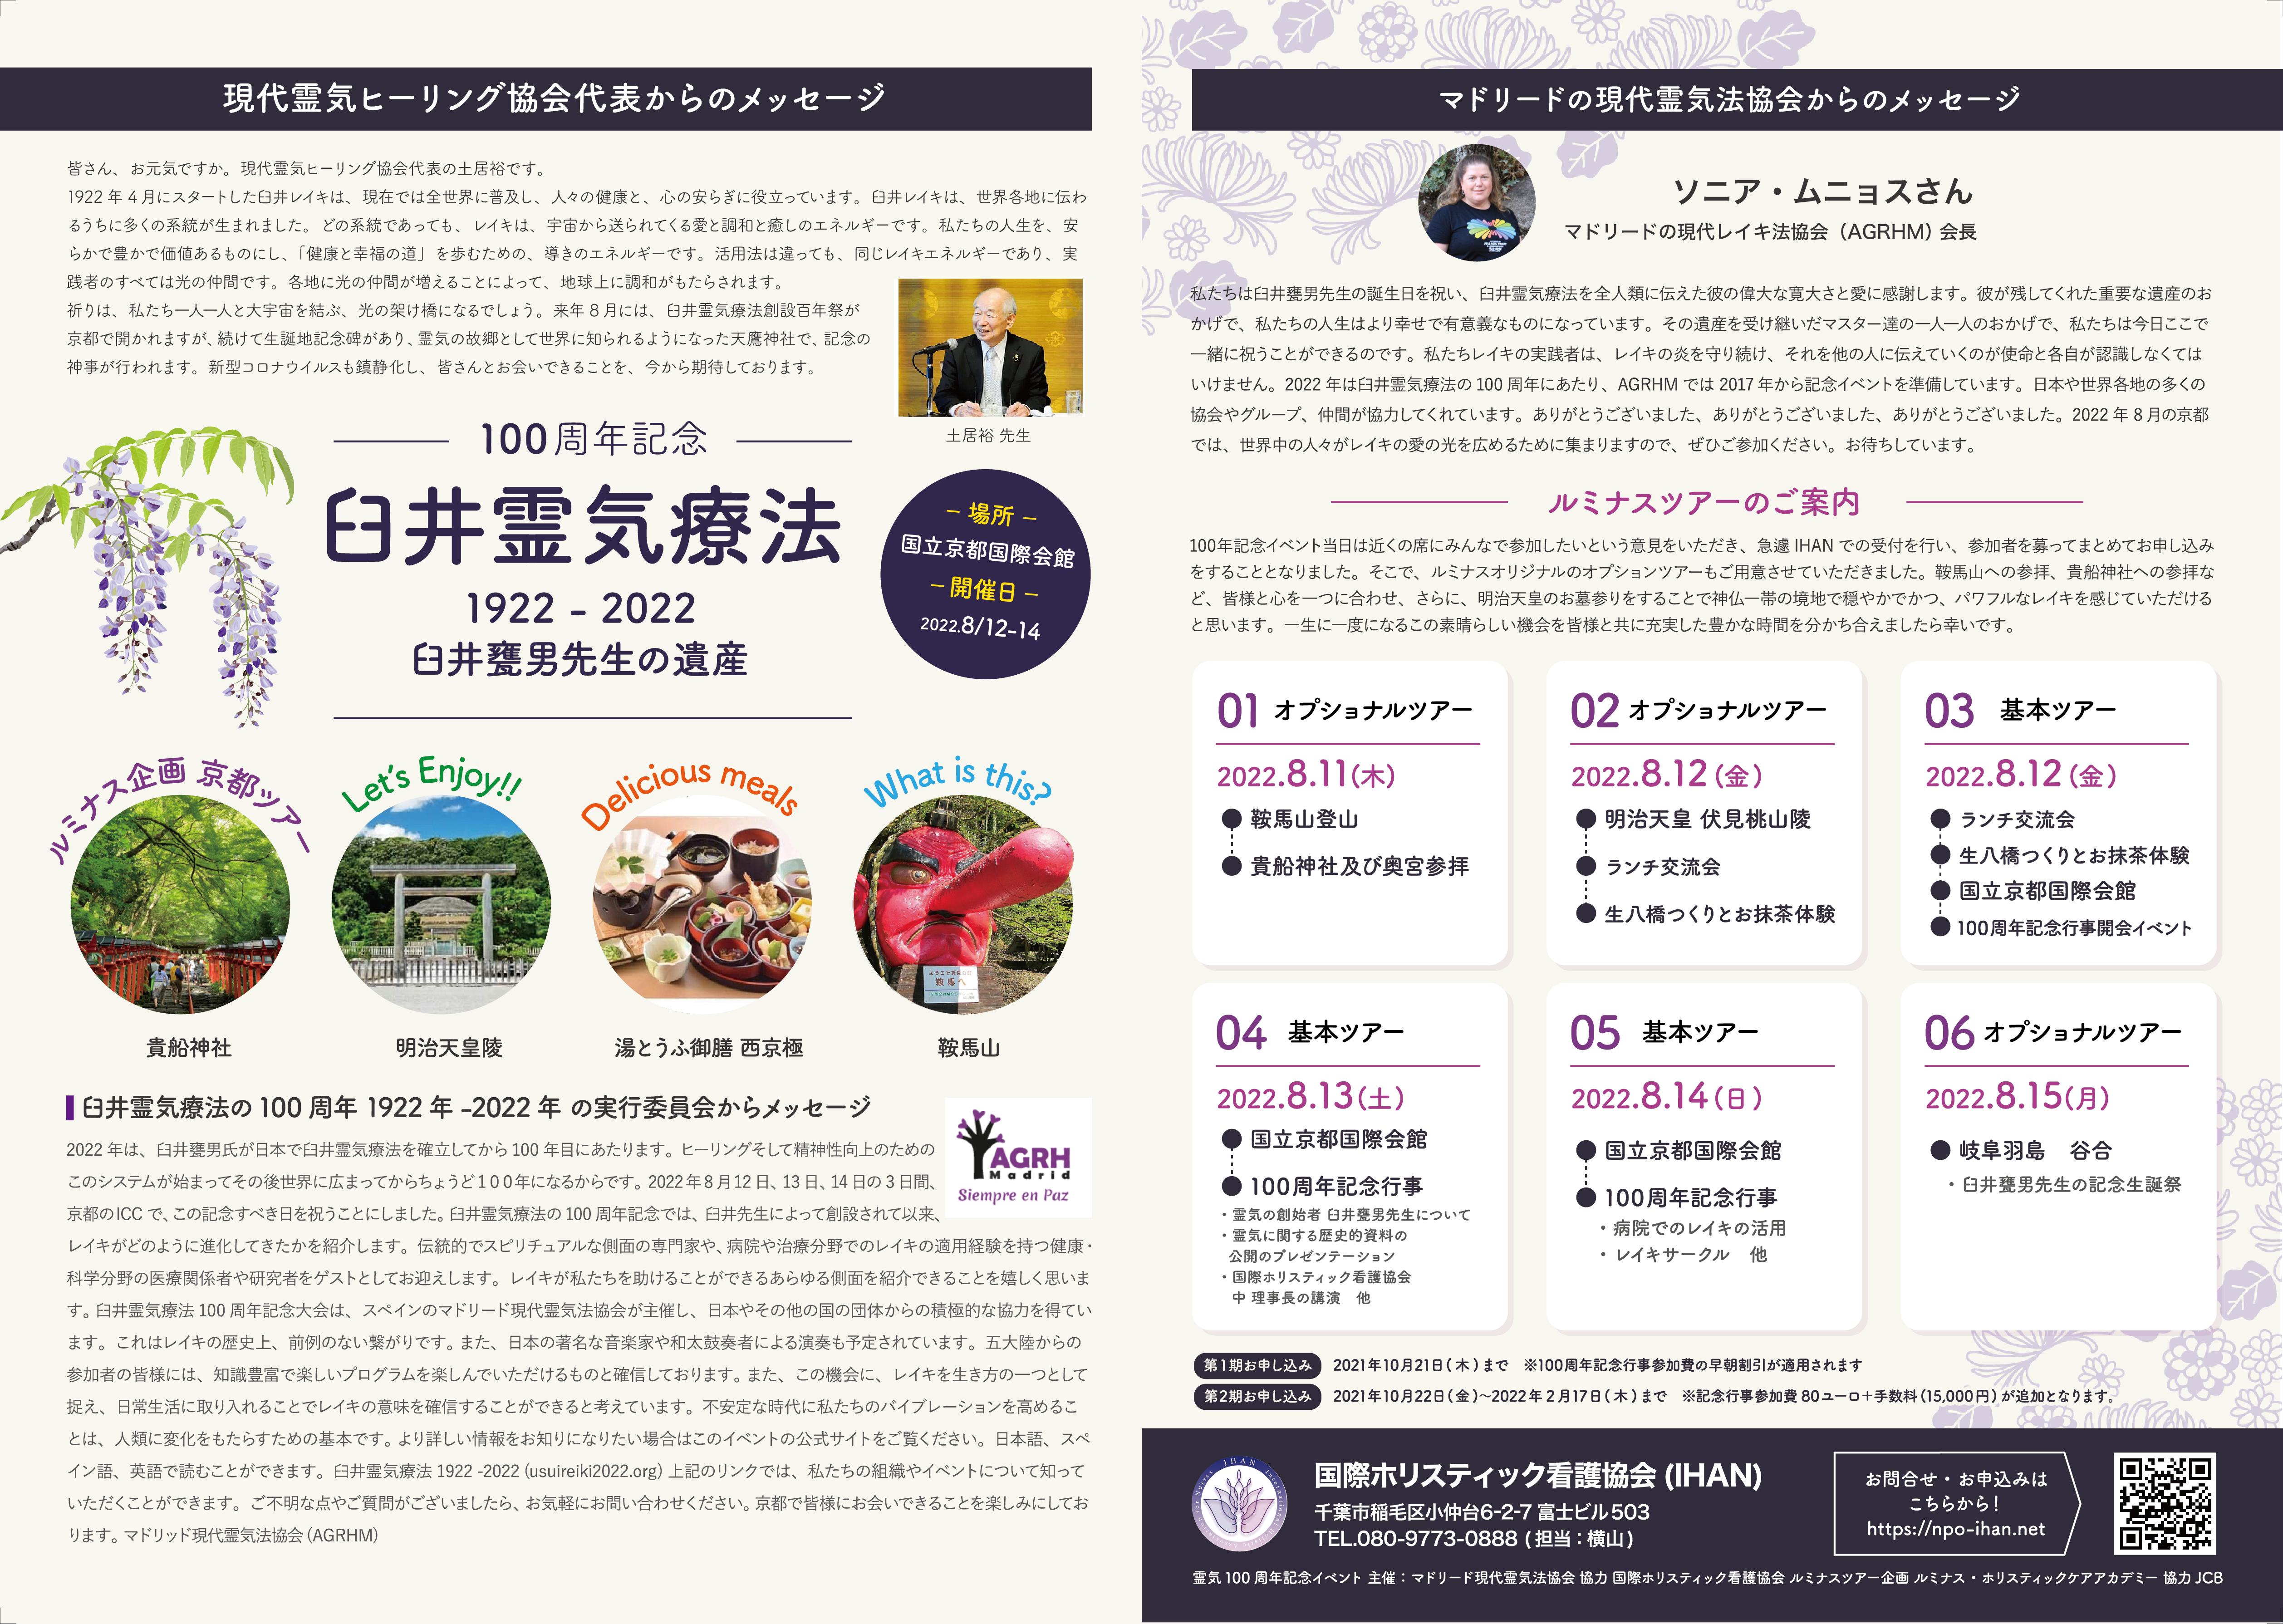 100周年記念 臼井霊気療法